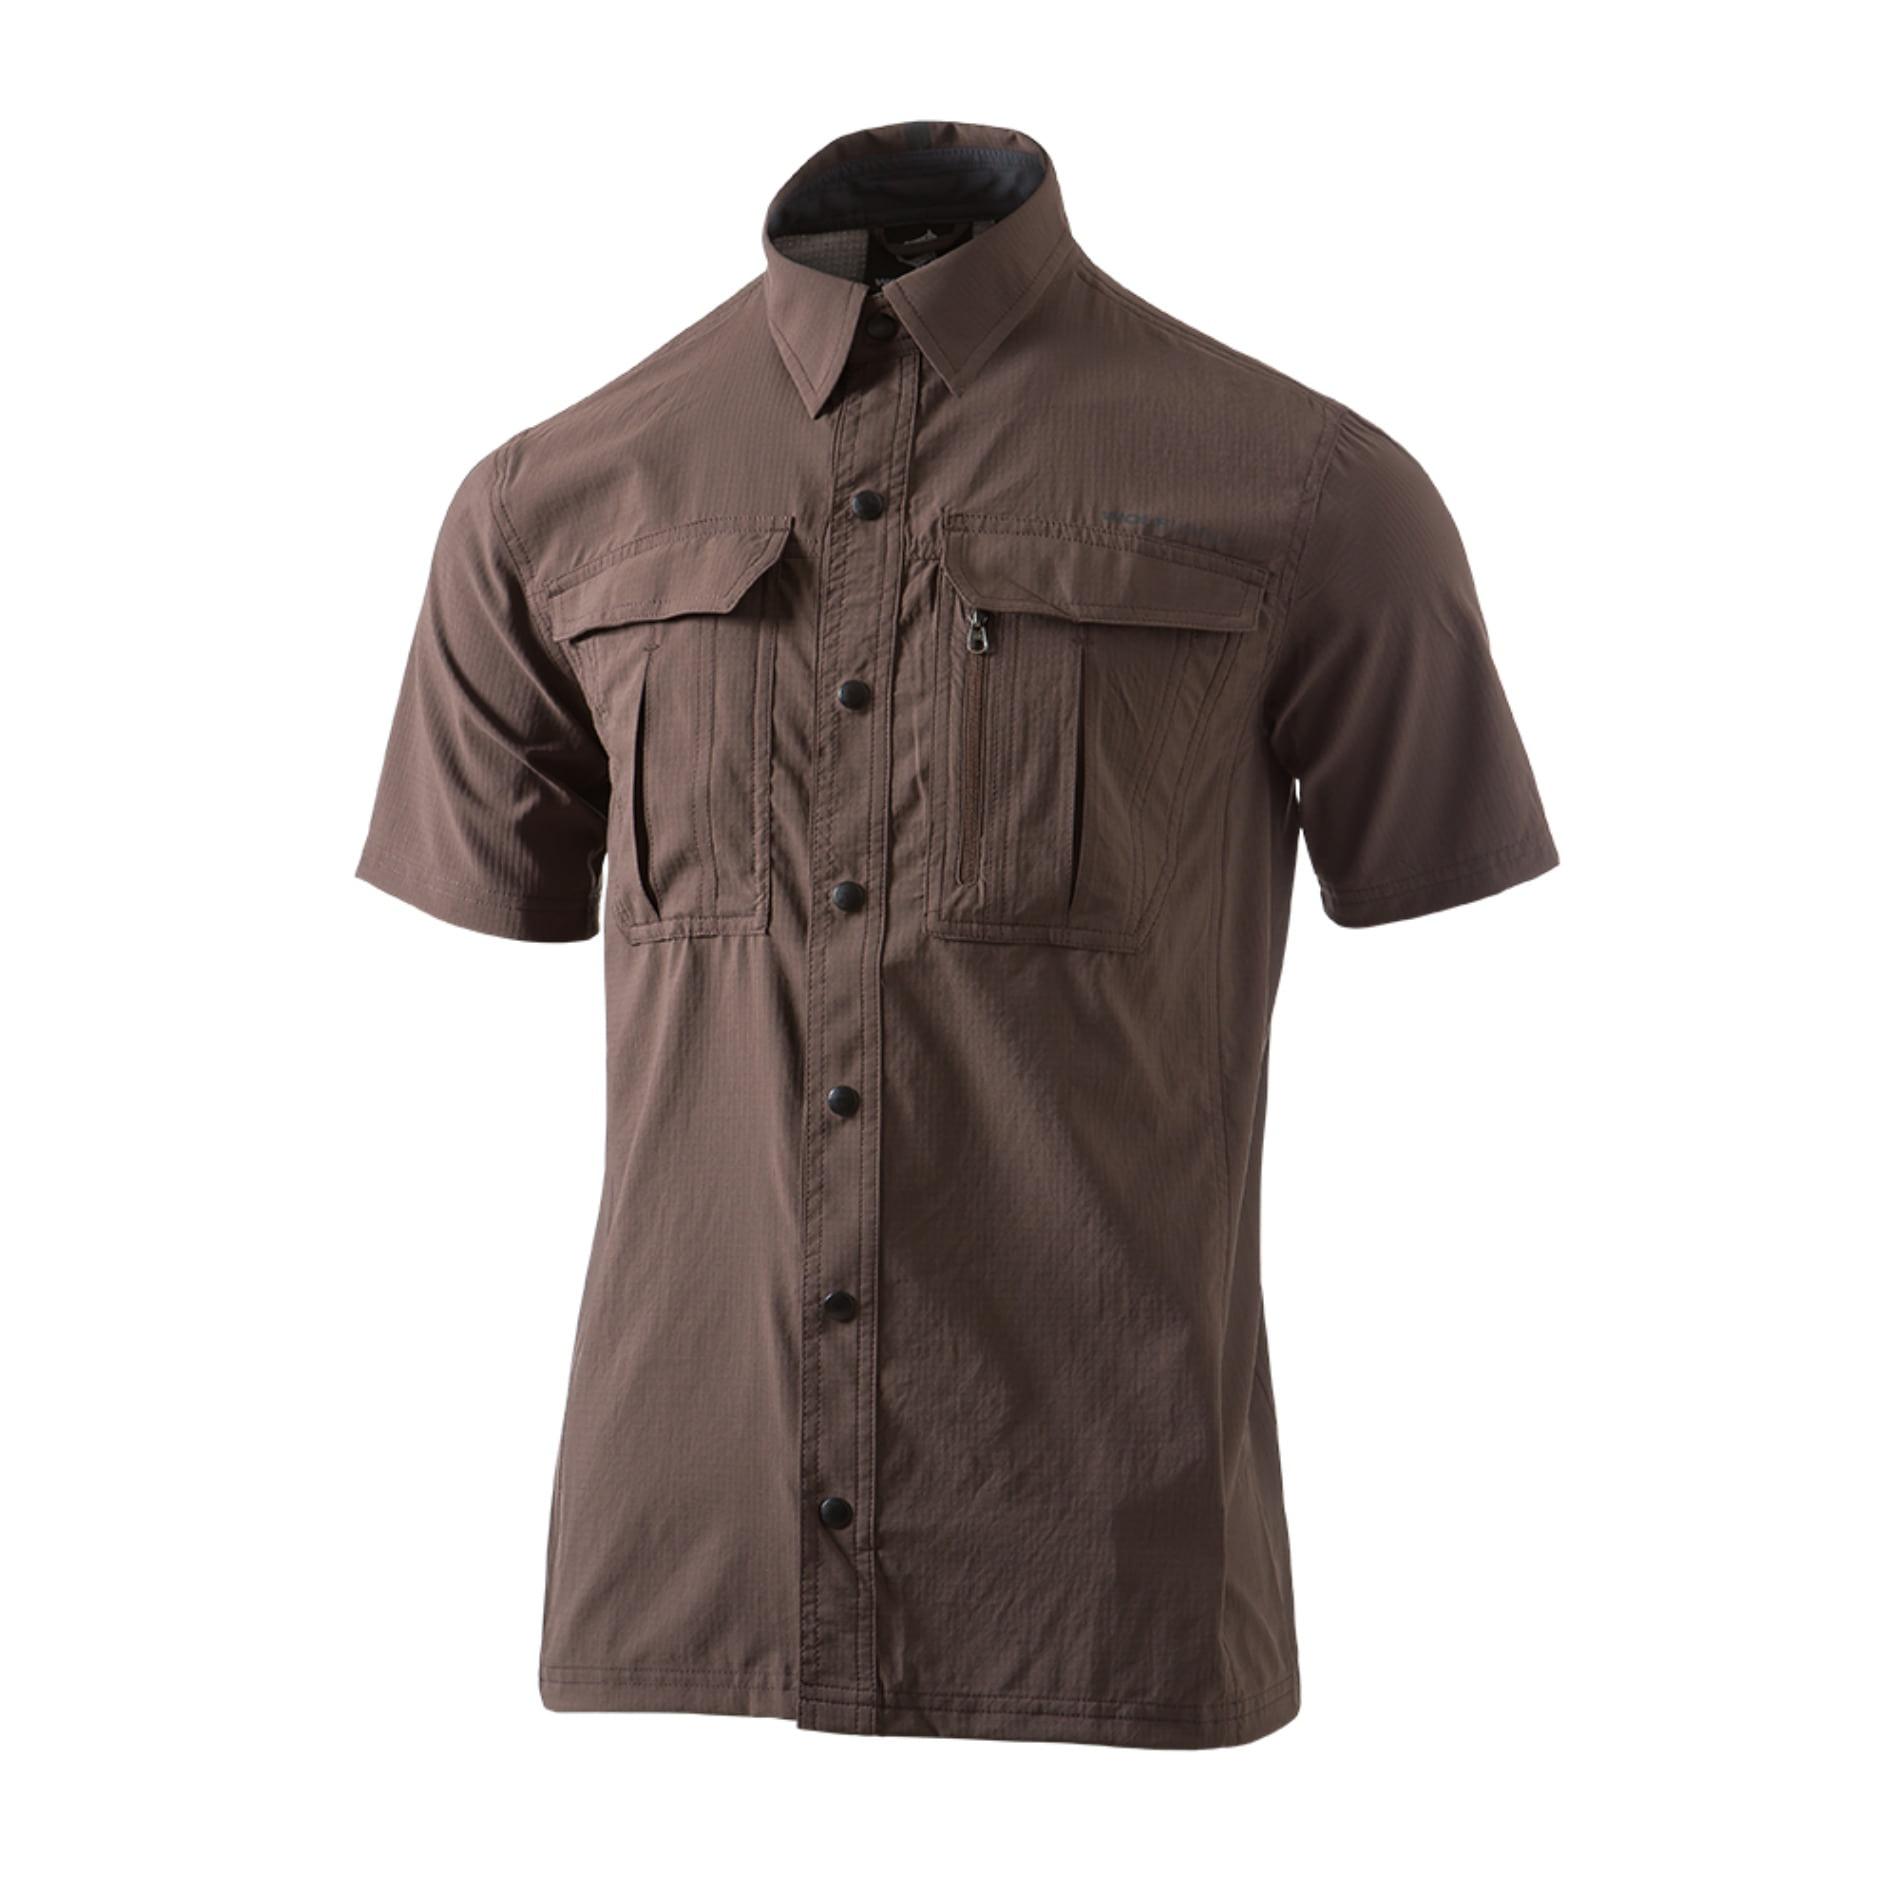 울프라운치 | 프리라이드 방수 반팔 셔츠 남성